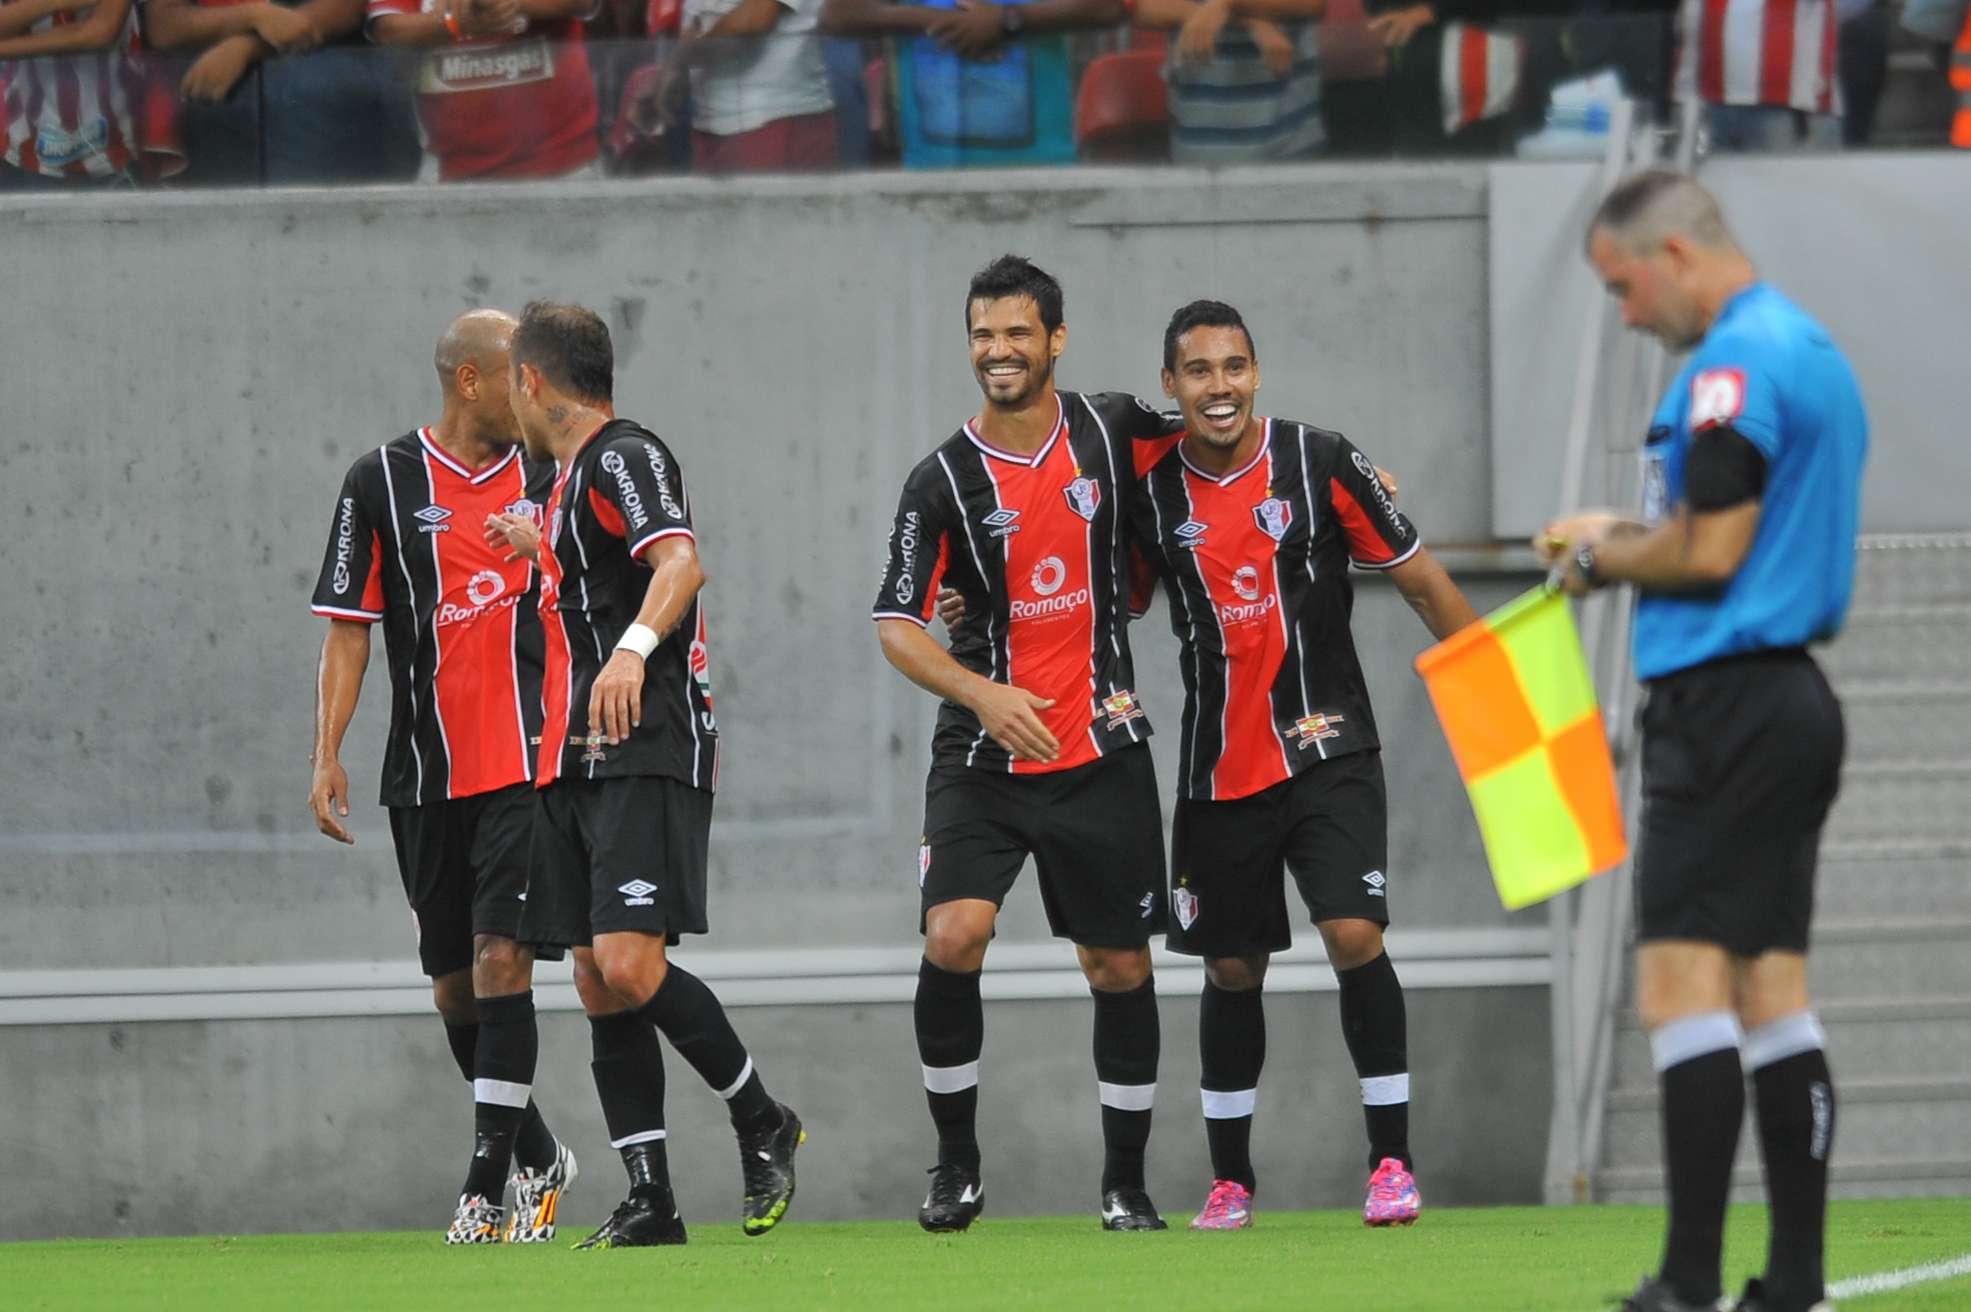 Jogadores do Joinville comemoram vitória no Recife Foto: Aldo Carneiro/Agência Lance